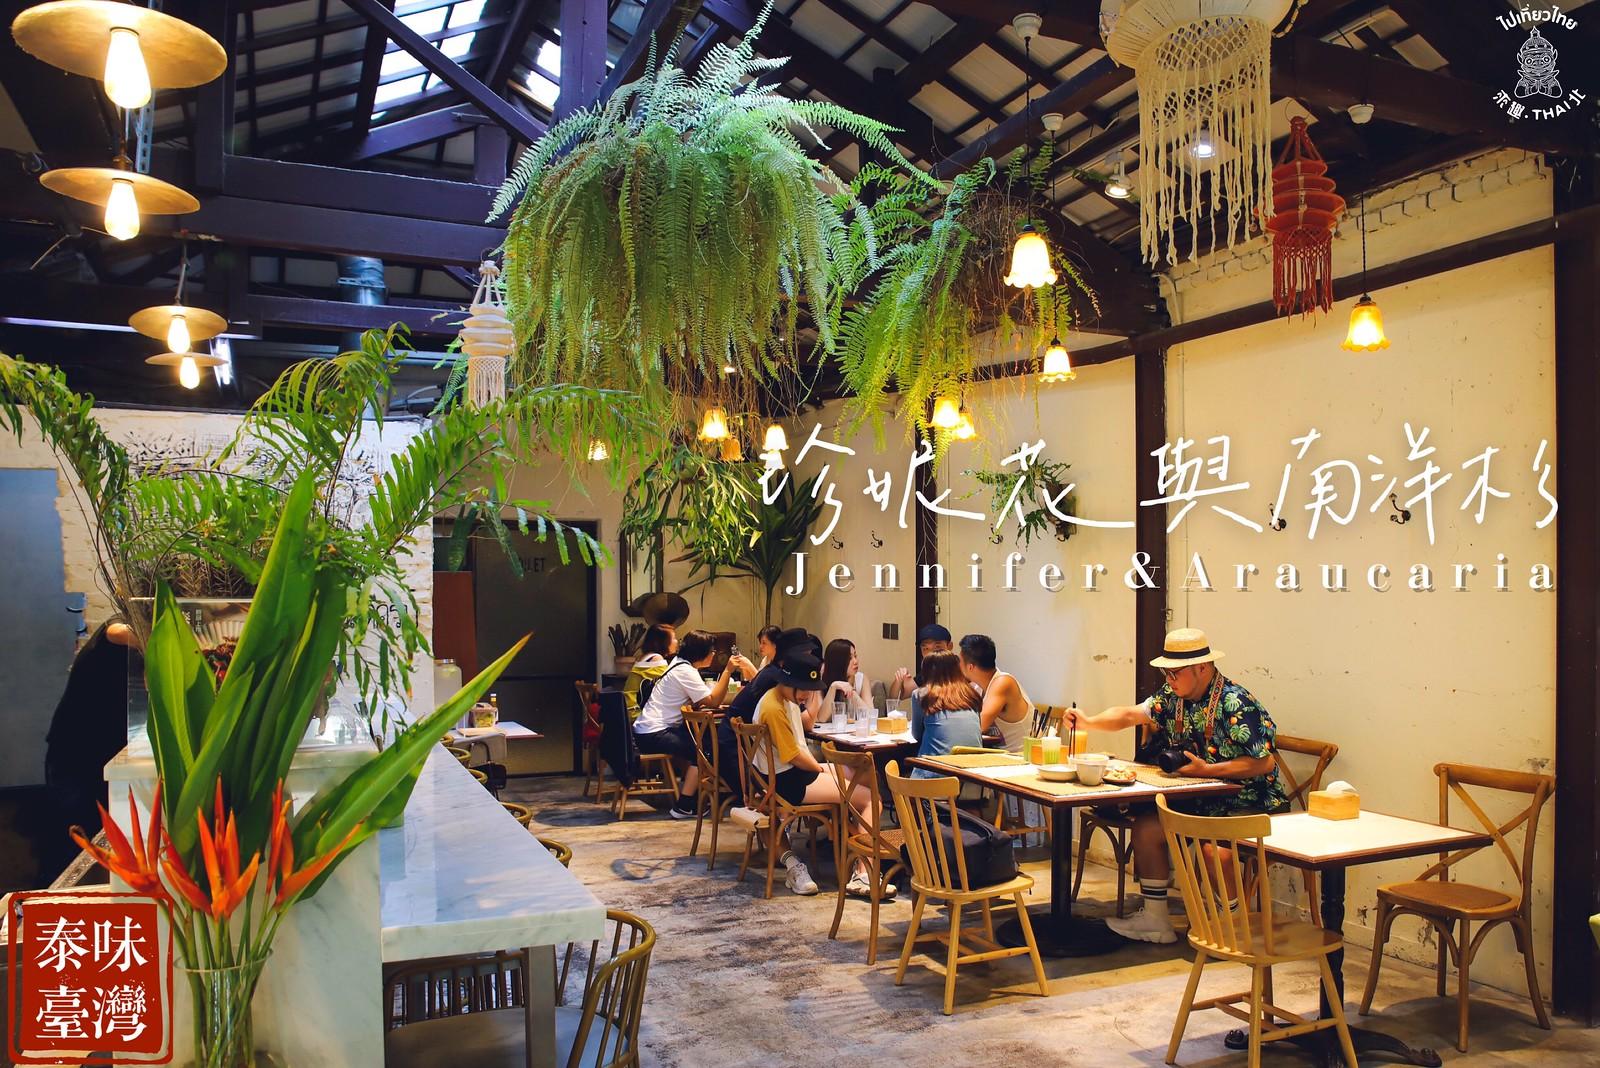 巷弄裡的森林系泰式餐廳《珍妮花與南洋杉 Jennifer&Araucaria》